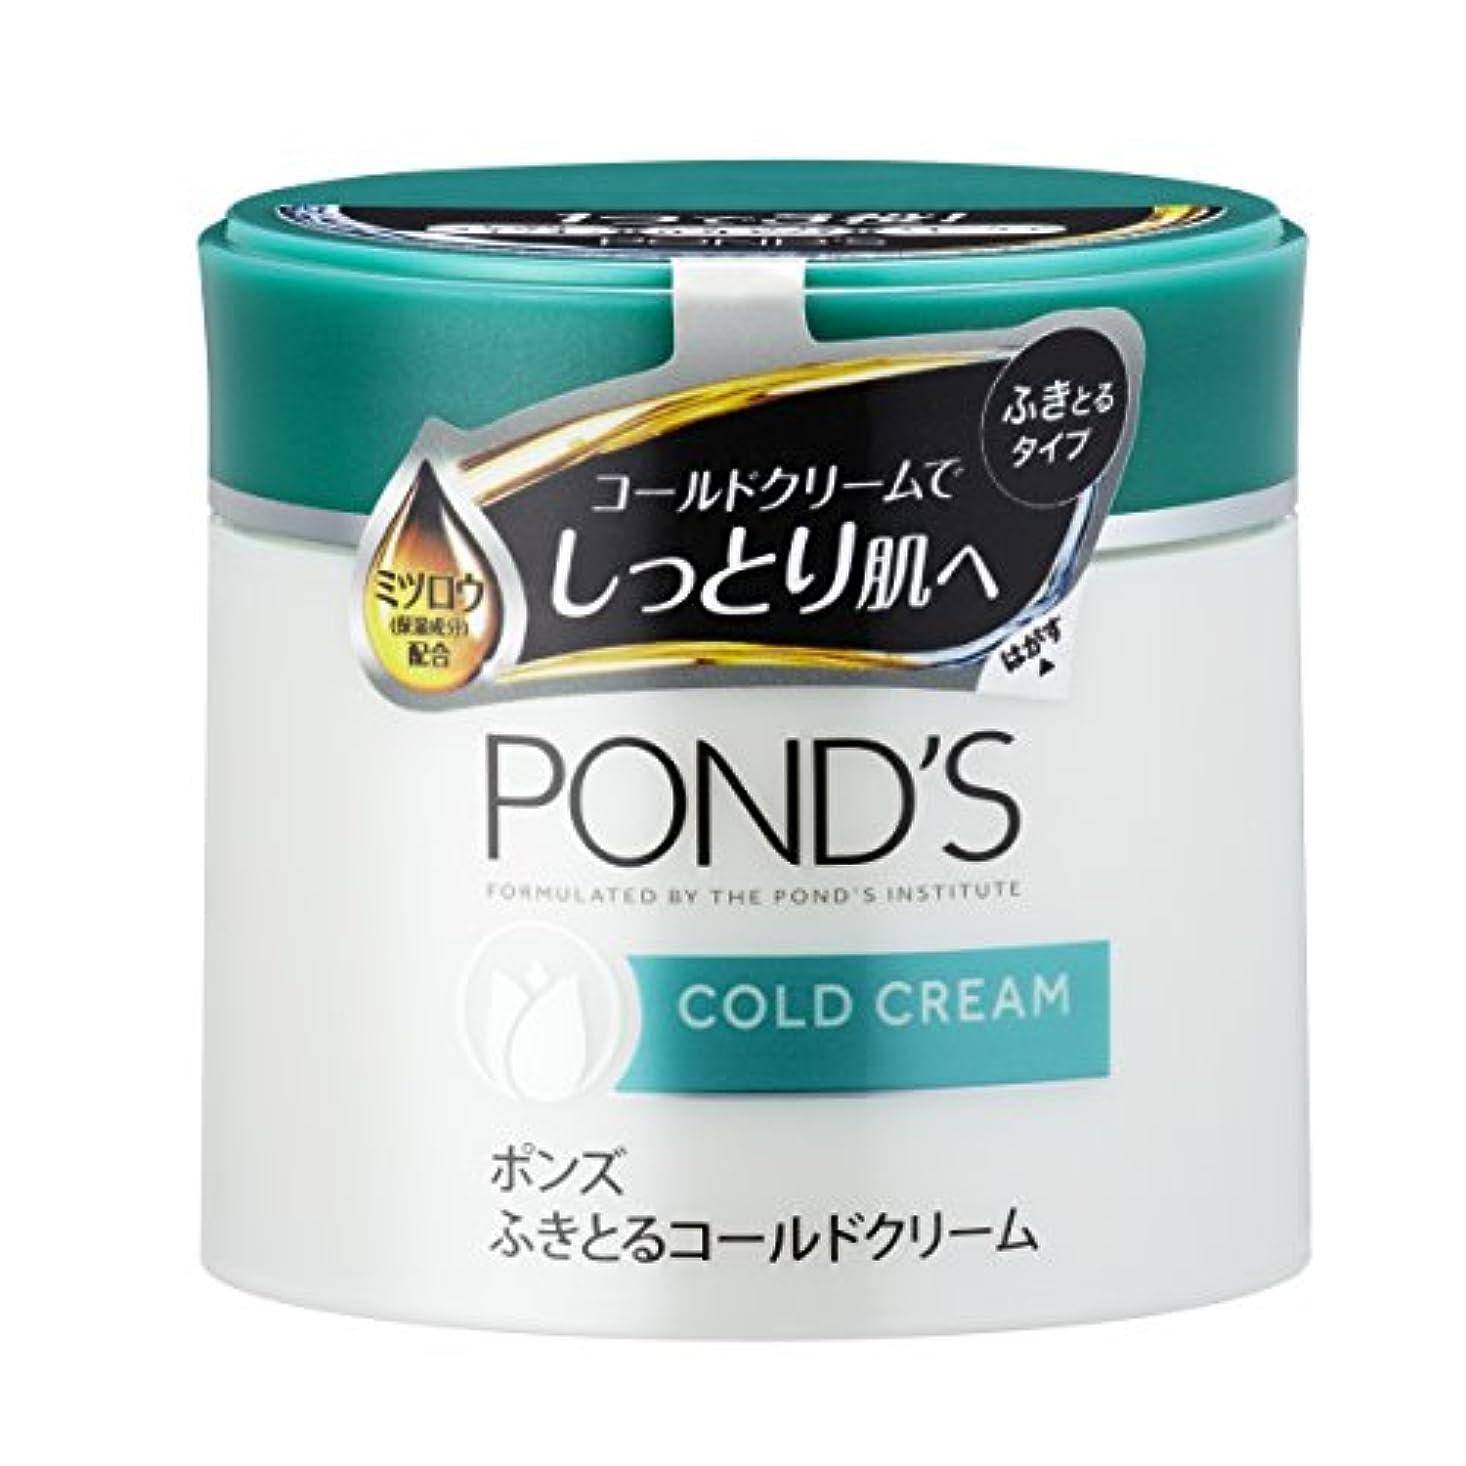 料理数字バトルポンズ コールドクリーム 270g